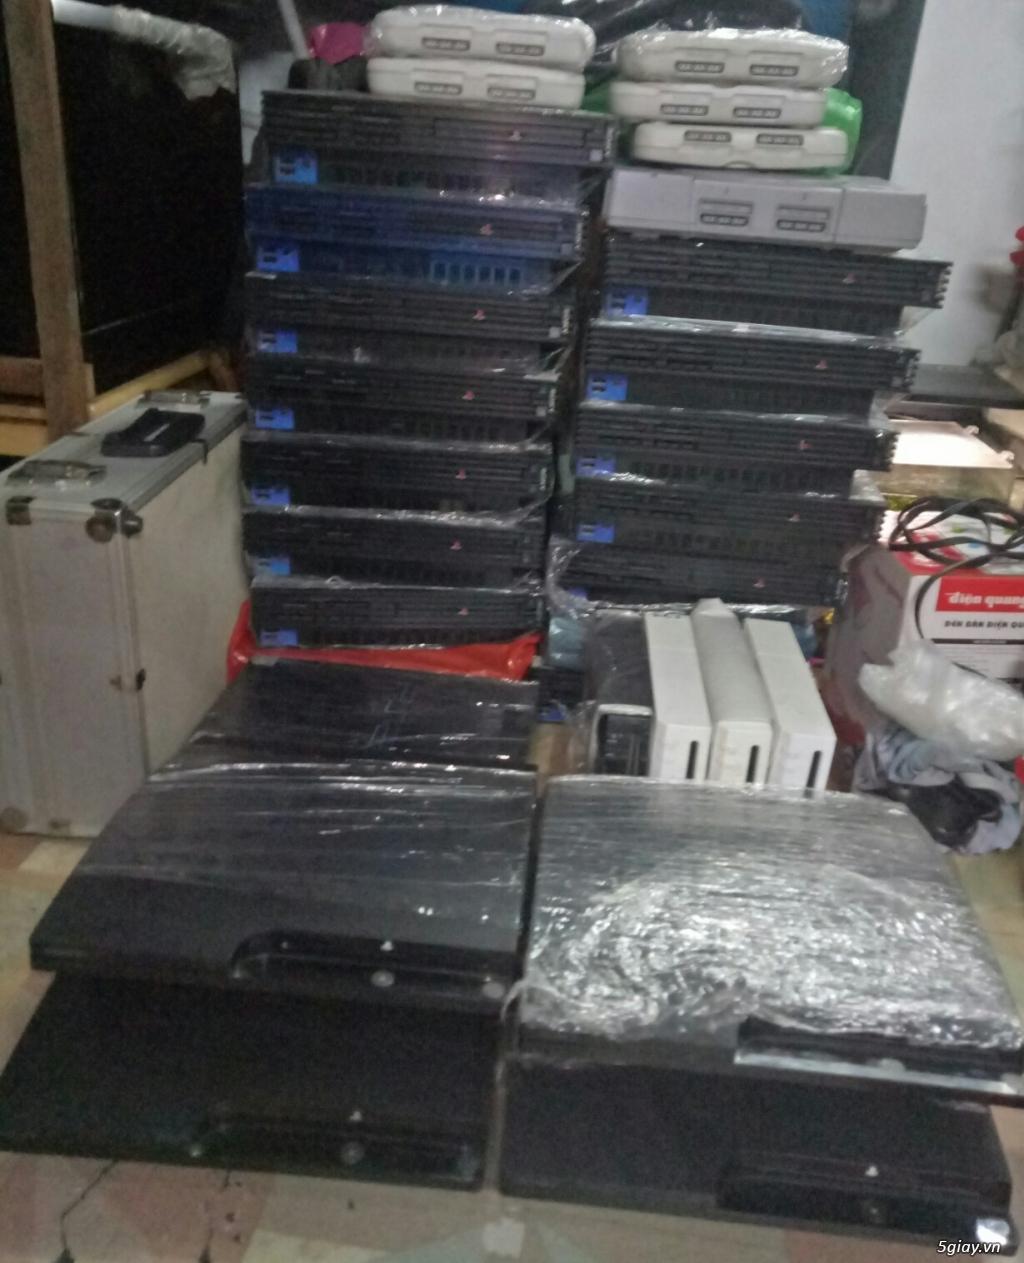 máy điện tử băng 4nút xưa,không quá 500k,PS2 900k-ổ cứng đủ loại-chép game miễn phí-shipcod - 3